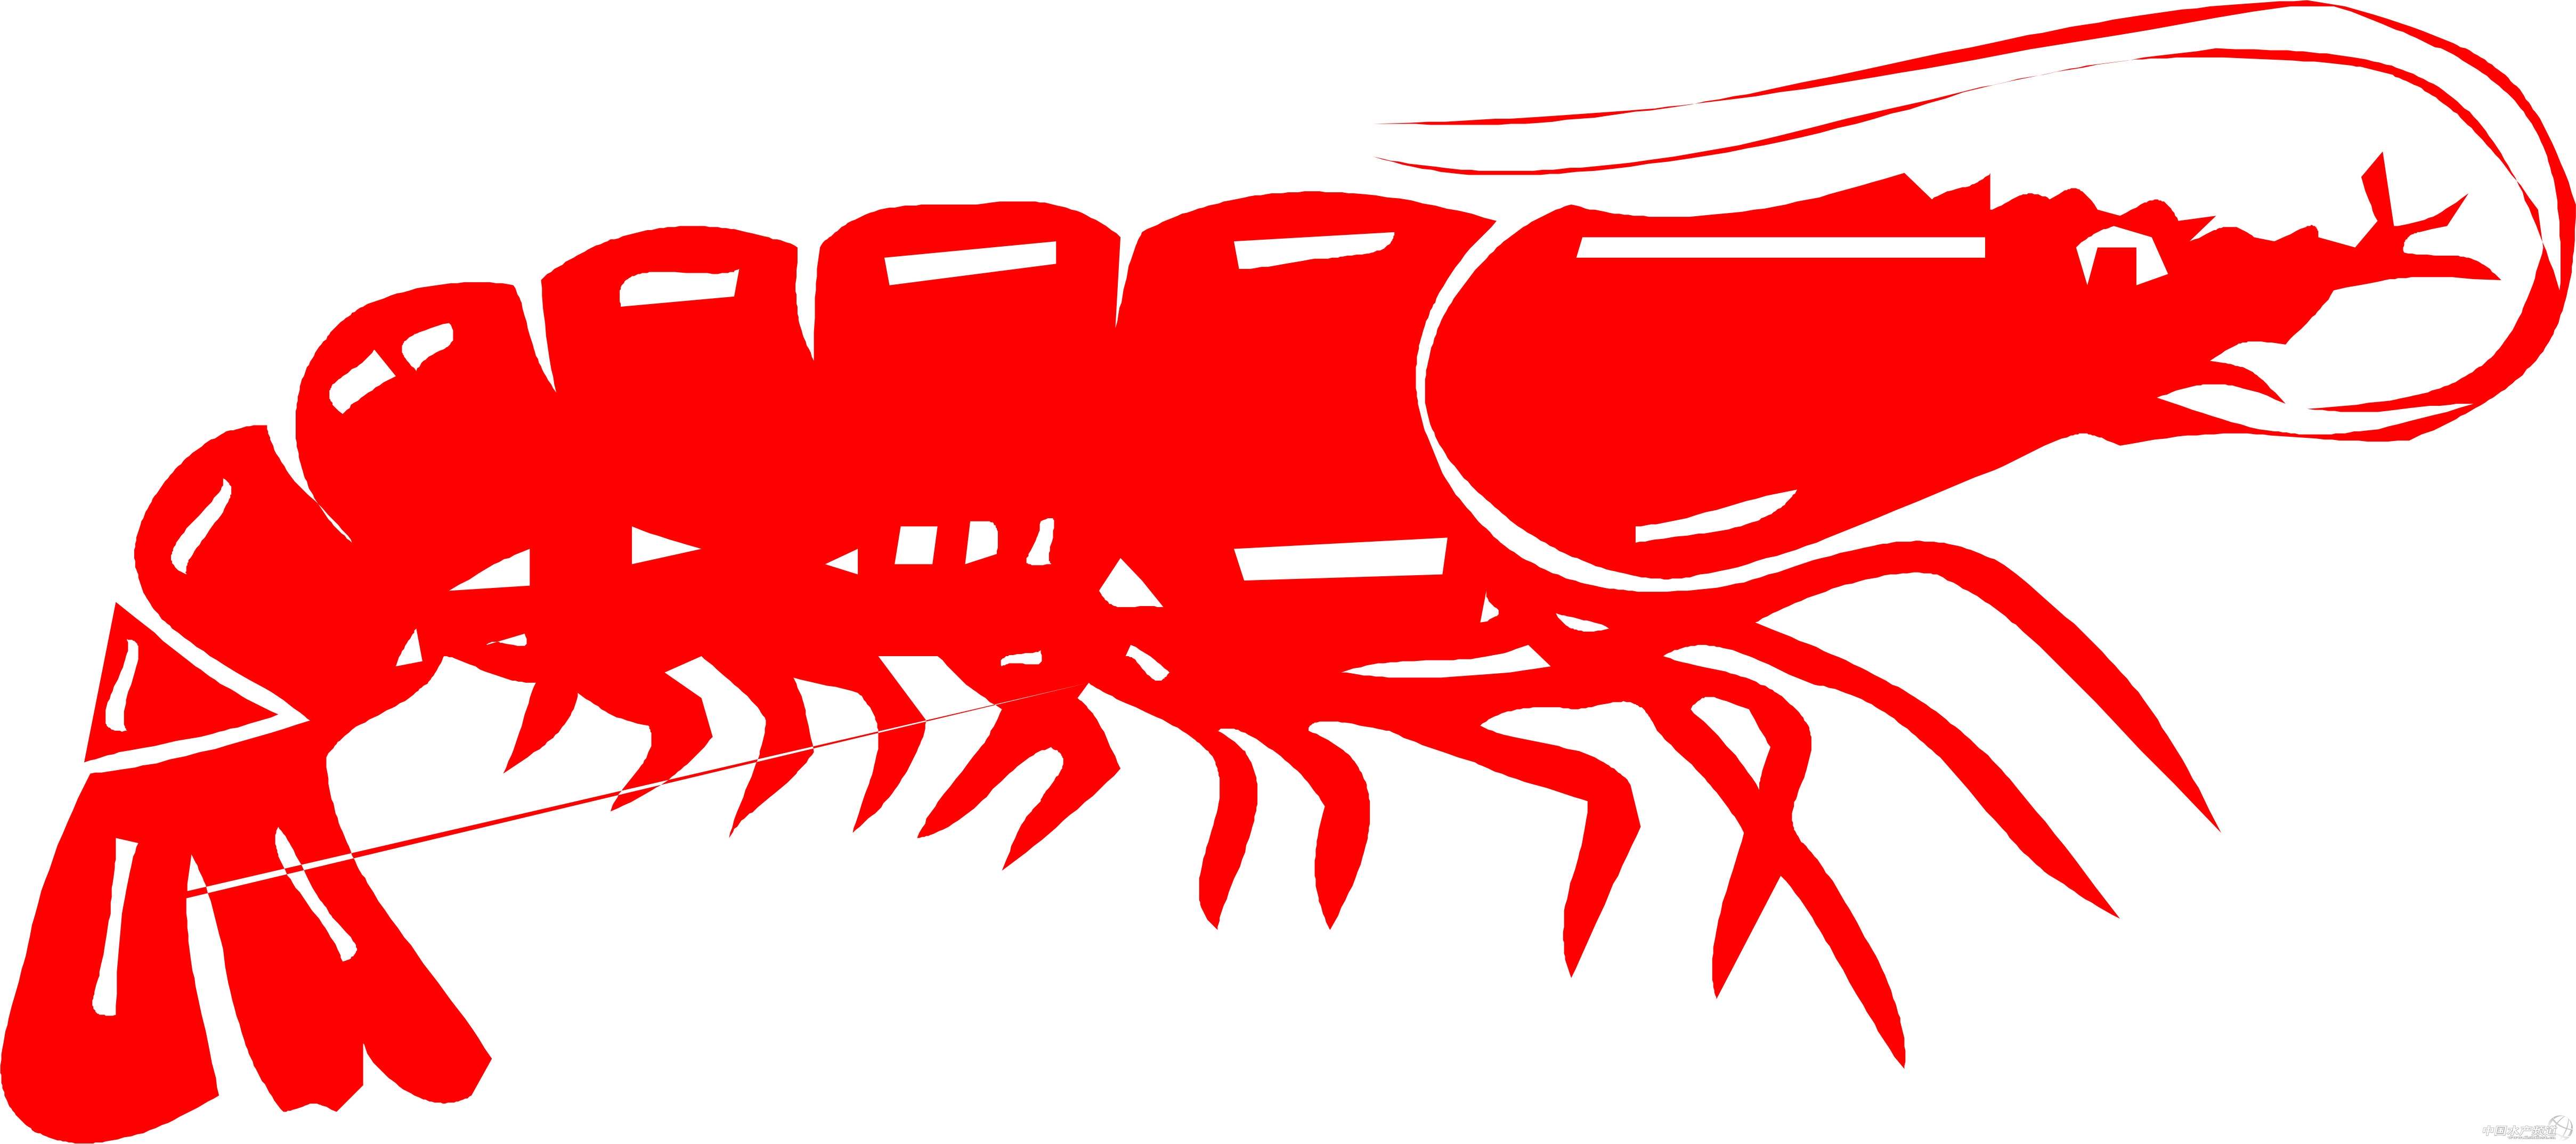 总结早批养虾问题 如果2月或3月份放苗的早批都结束了,应该都进入第二批养殖了,这批虾我们遇到的比较棘手的问题无非就两个: 第一、连续阴雨天、气温、水温低。这个影响对虾无法正常生长也只能期待天气好转咯,但是这个期间的水质和虾容易出问题,因为长期无太阳的光合作用和一直低水温的环境藻类必定也无法正常繁殖,所以水慢慢变清,又无太阳无法肥水,导致整个生态系统受破坏。这个倒是好处理,每天保持解毒,泼应激药和2天一次底改。坚持做!保虾健康不死要紧。 第二 、特异副溶血性弧菌。我们的塘发病前无任何征兆,水色良好各项指标